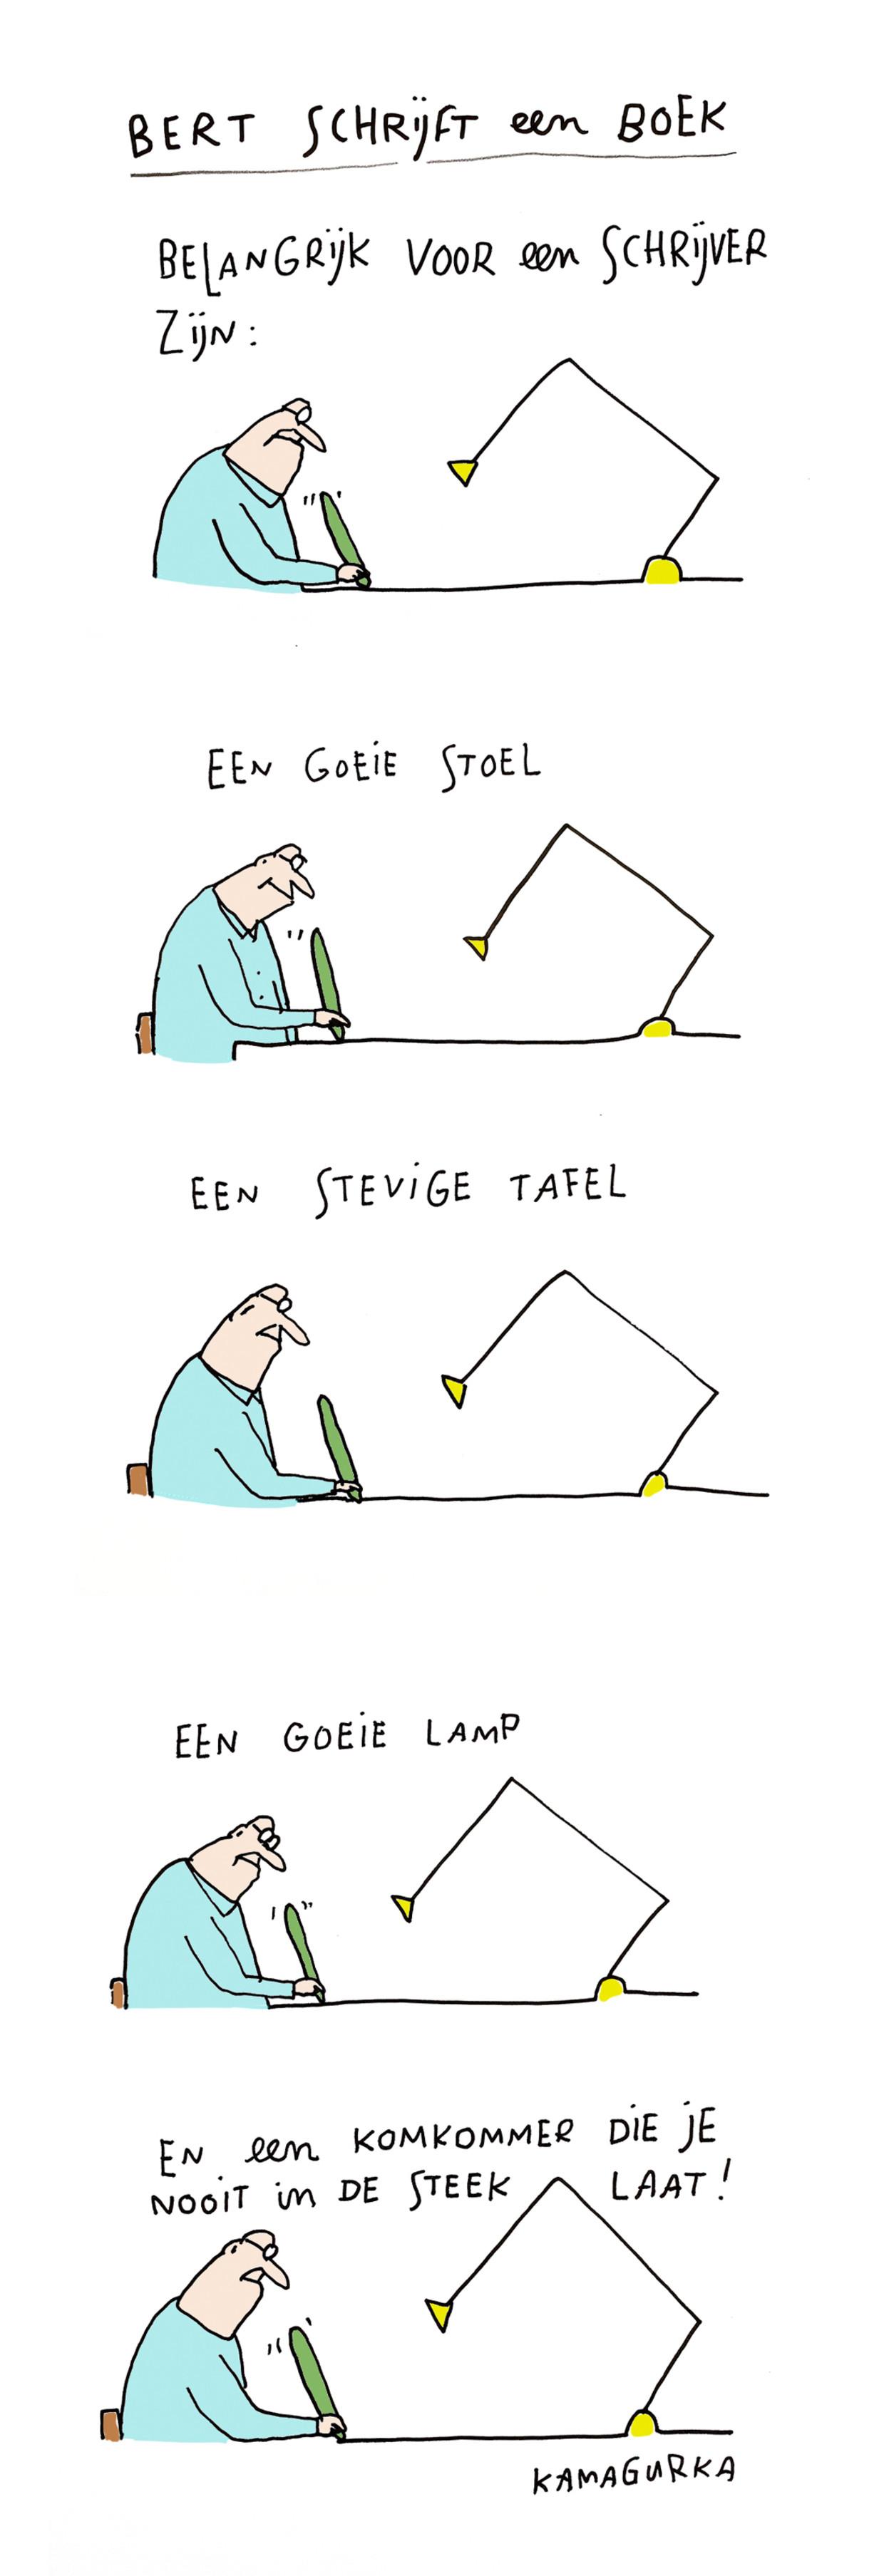 Bert schrijft een boek 34 Beeld Kamagurka